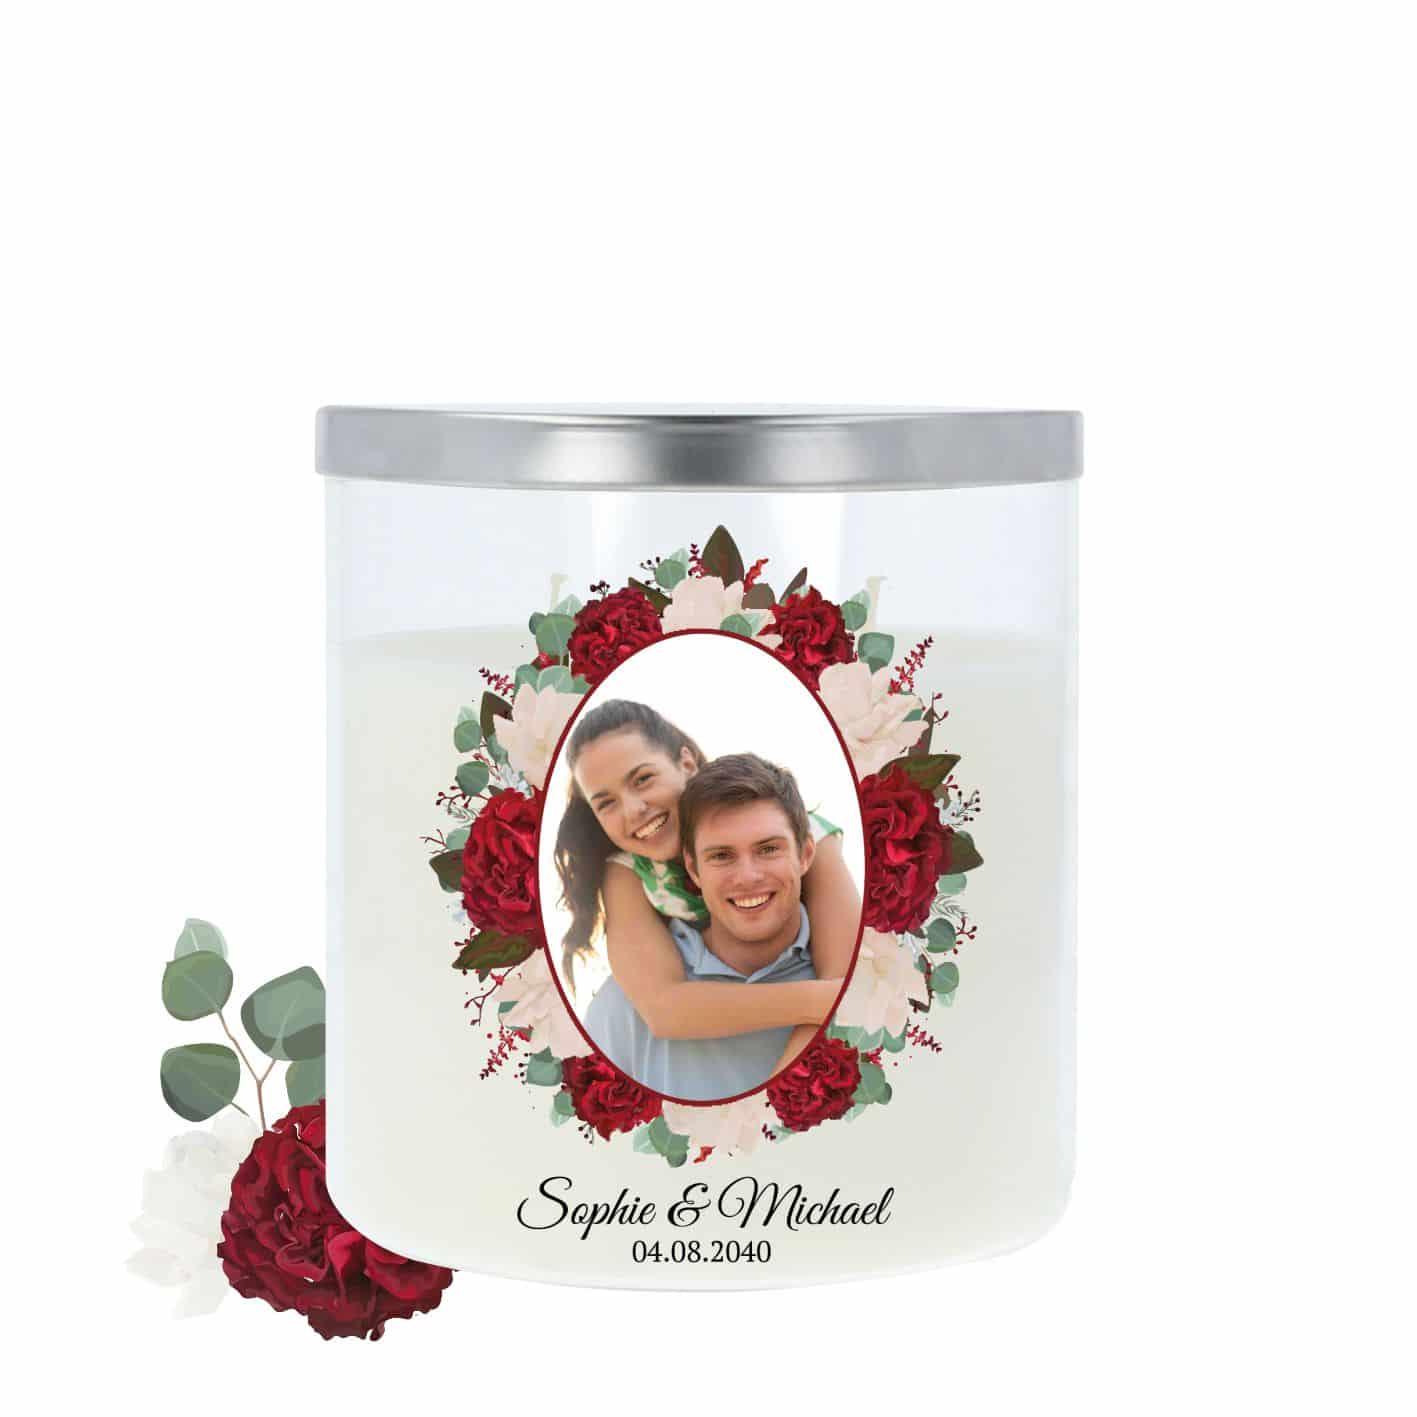 Hochzeitskerze im Glas mit hochwertigem Metalldeckel und einem Rand aus Rosen